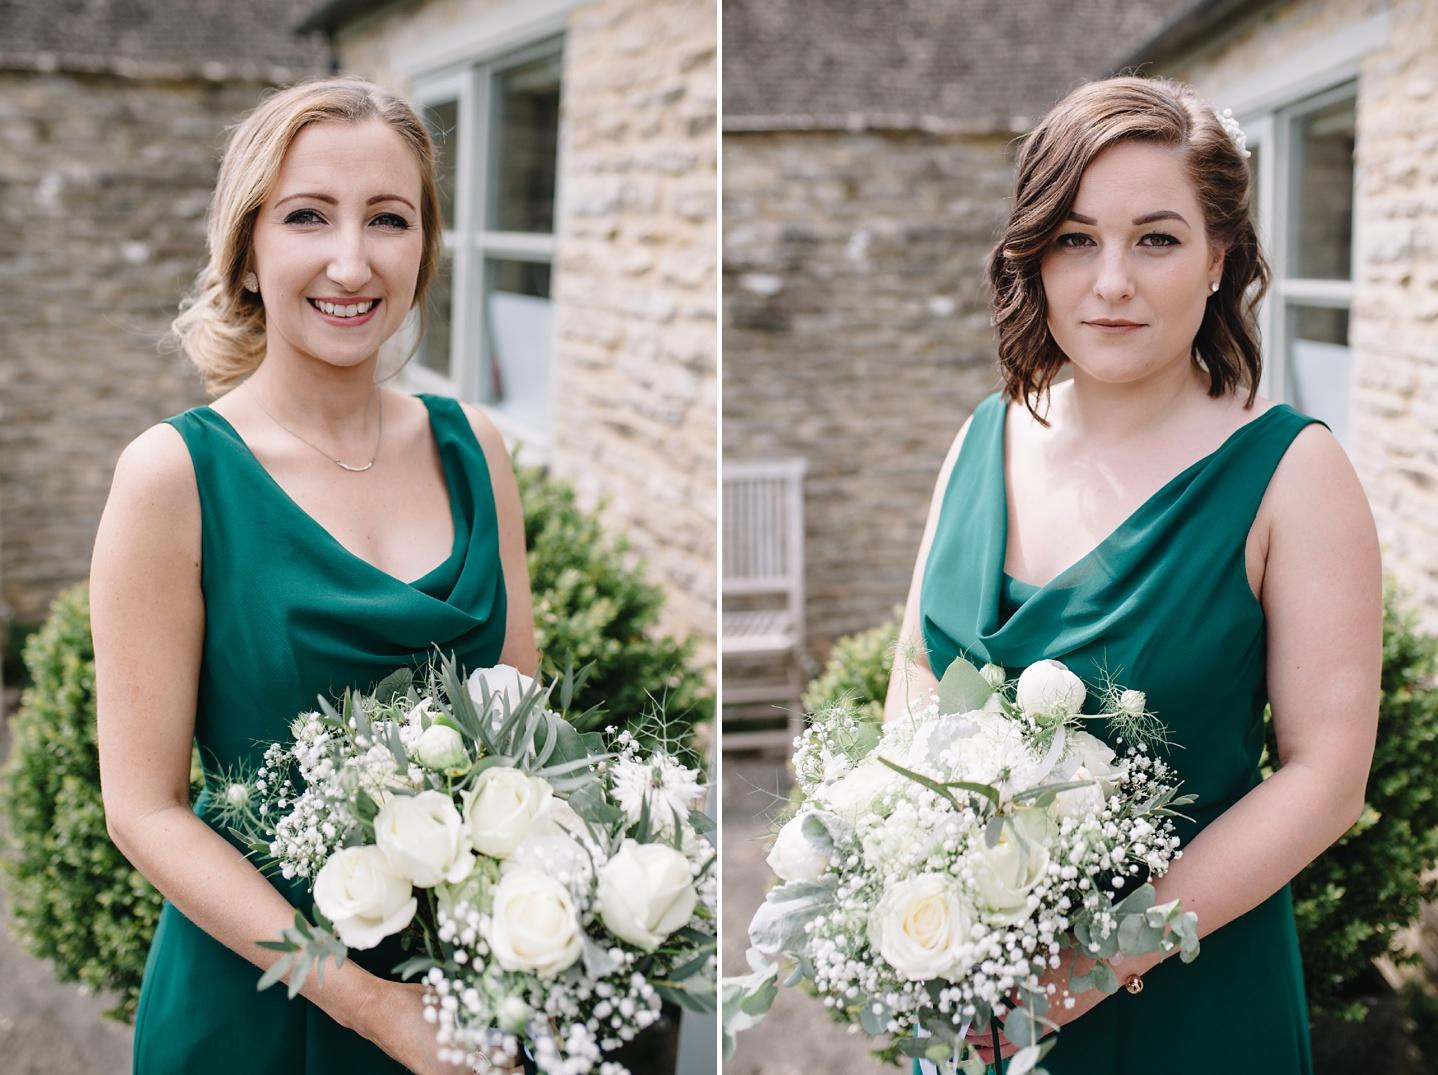 Oxleaze-Barn-Wedding-Photographer_0033.jpg